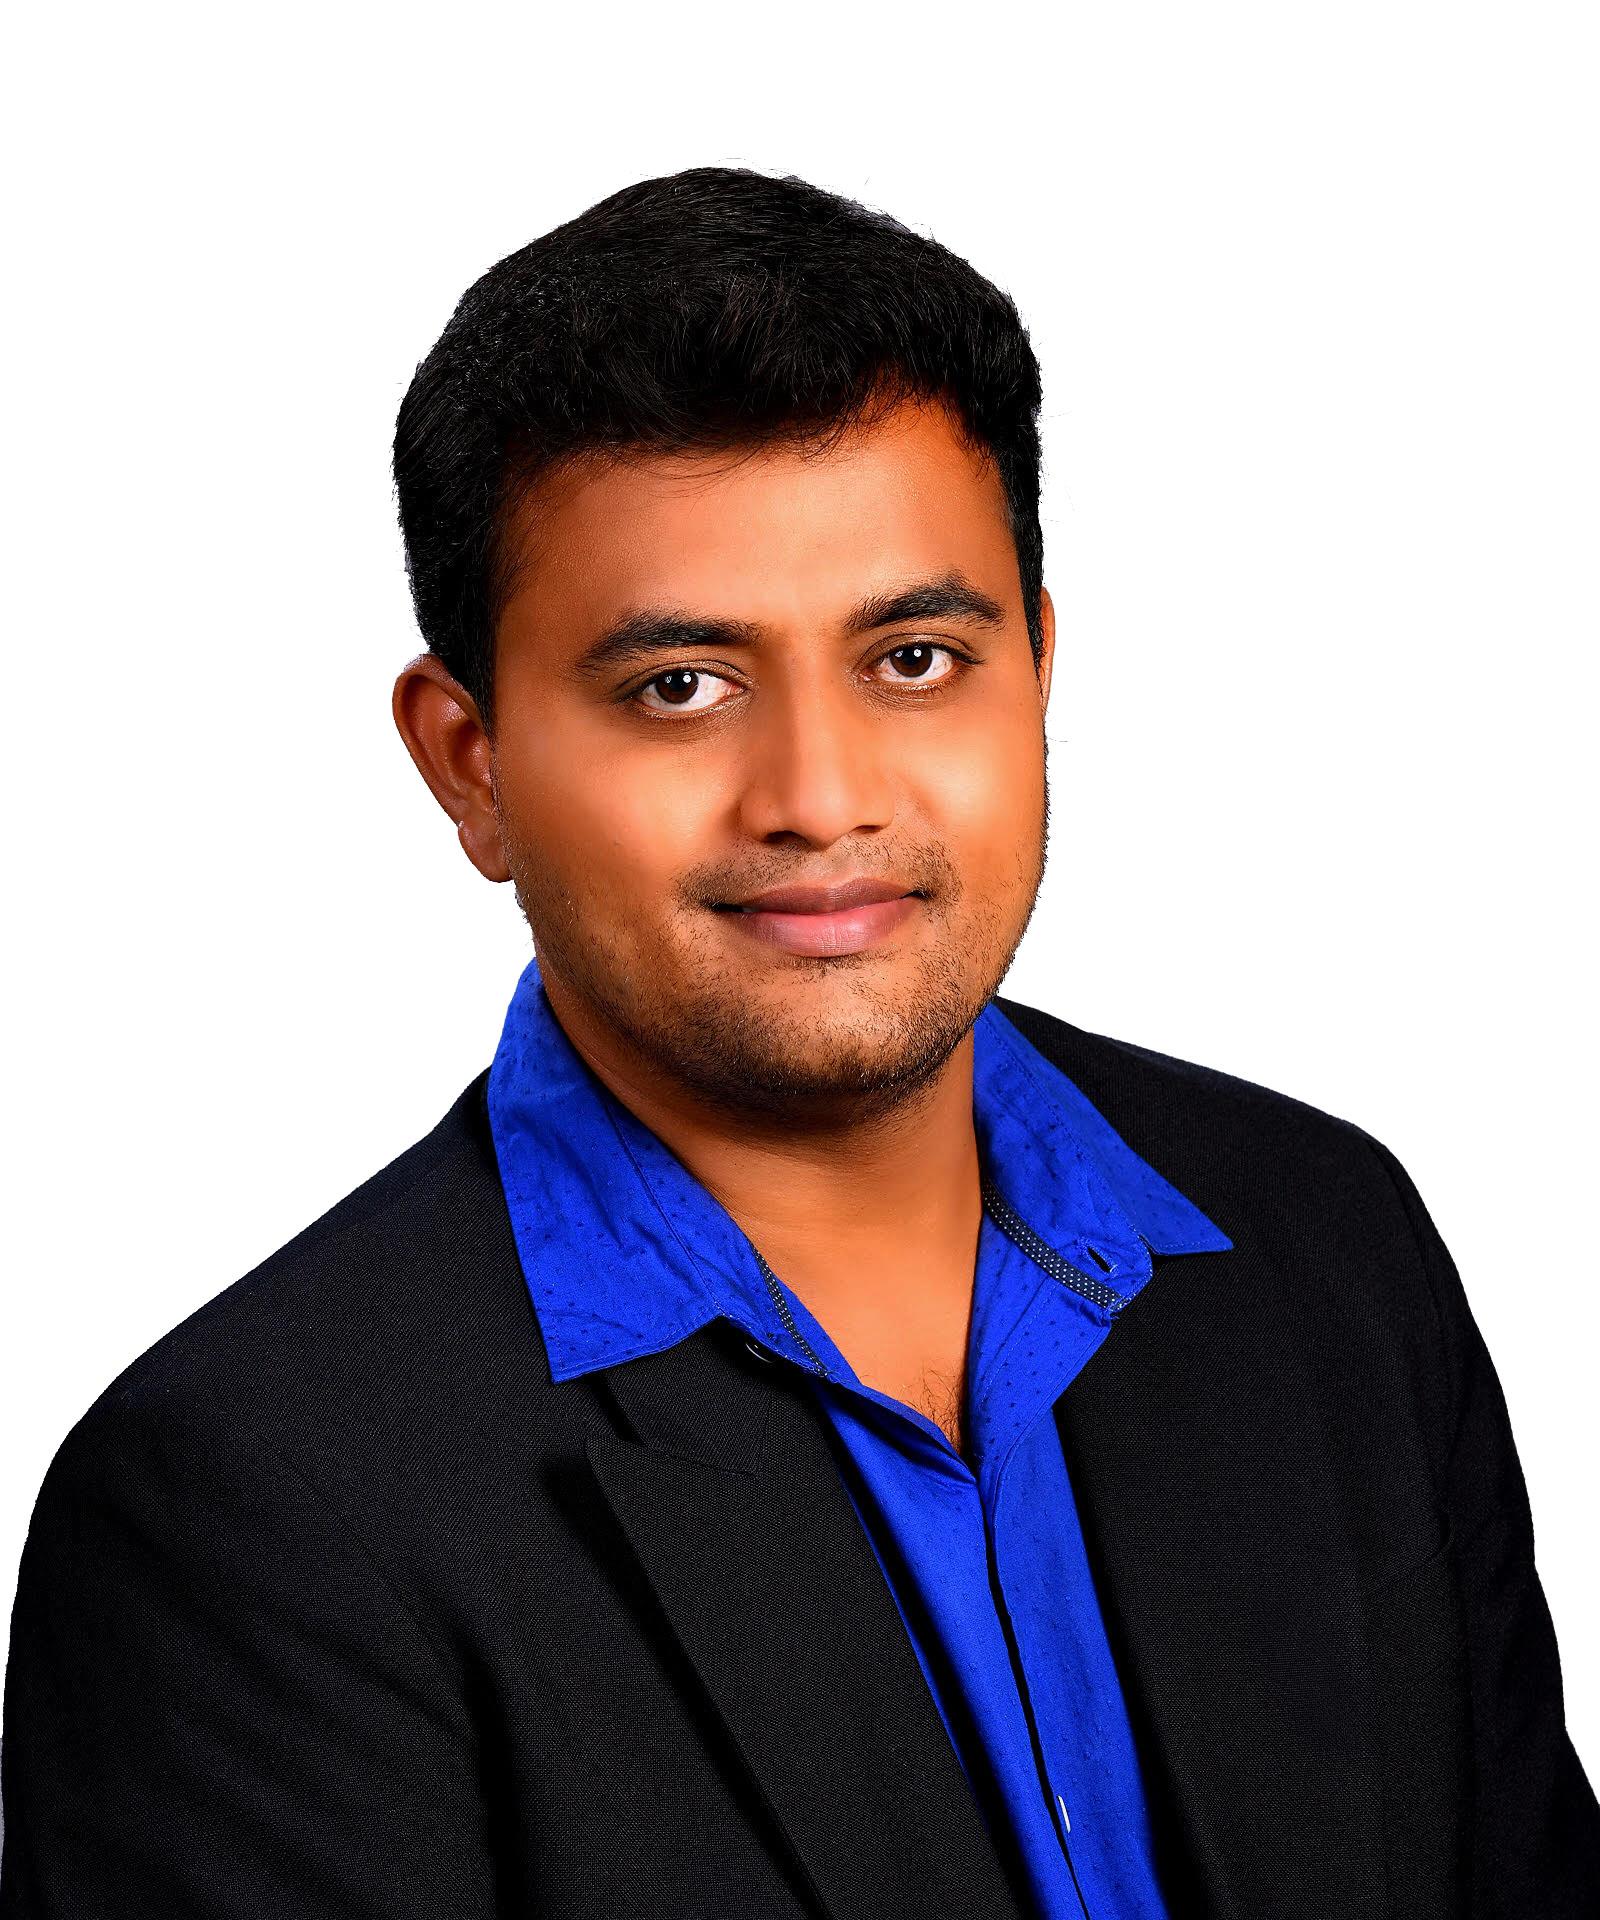 Sakthi Ramasamy